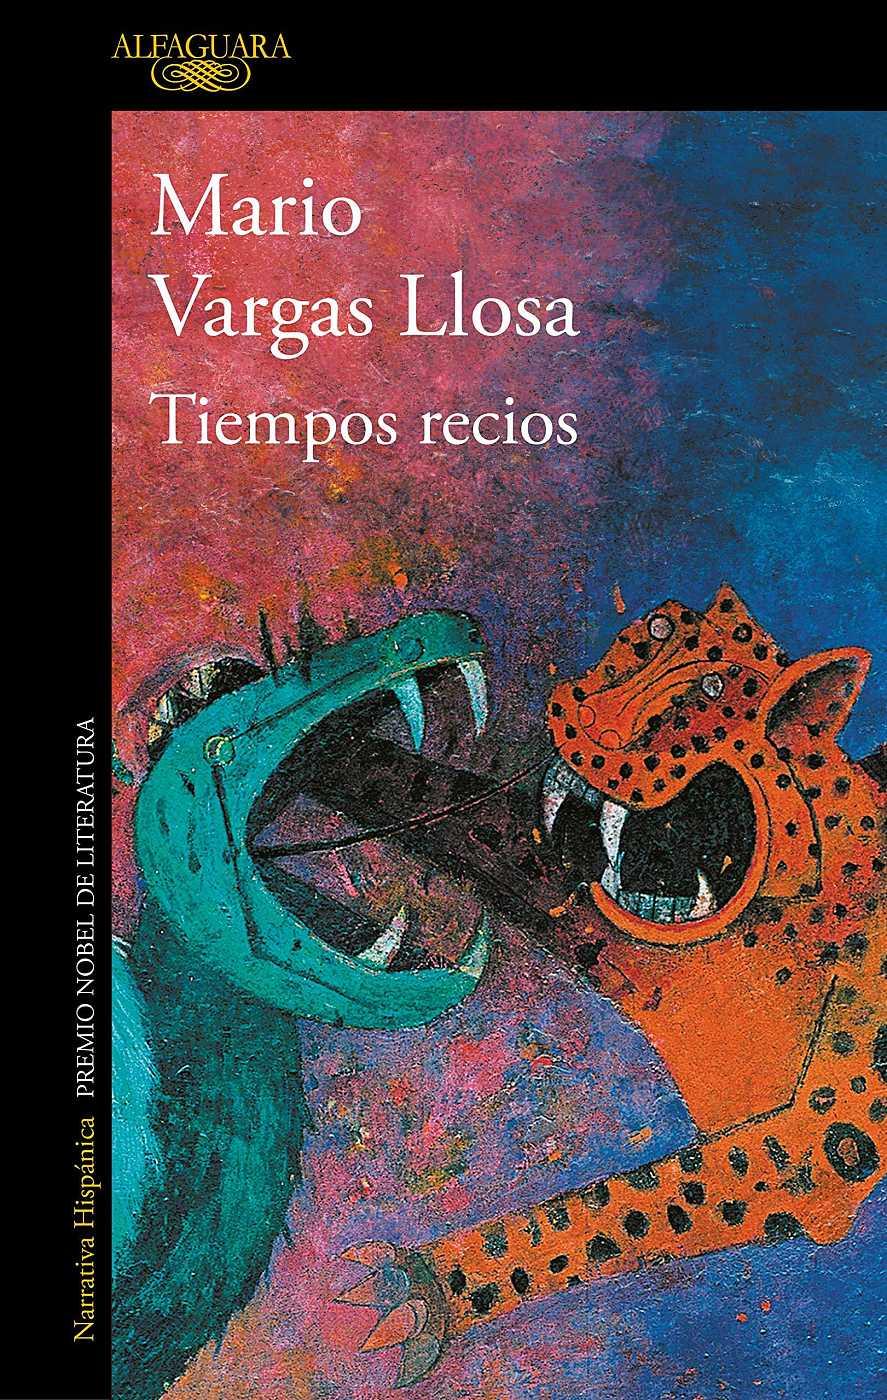 'Tiempos recios' de Mario Vargas Llosa, Premio Francisco Umbral al Libro del Año de 2019